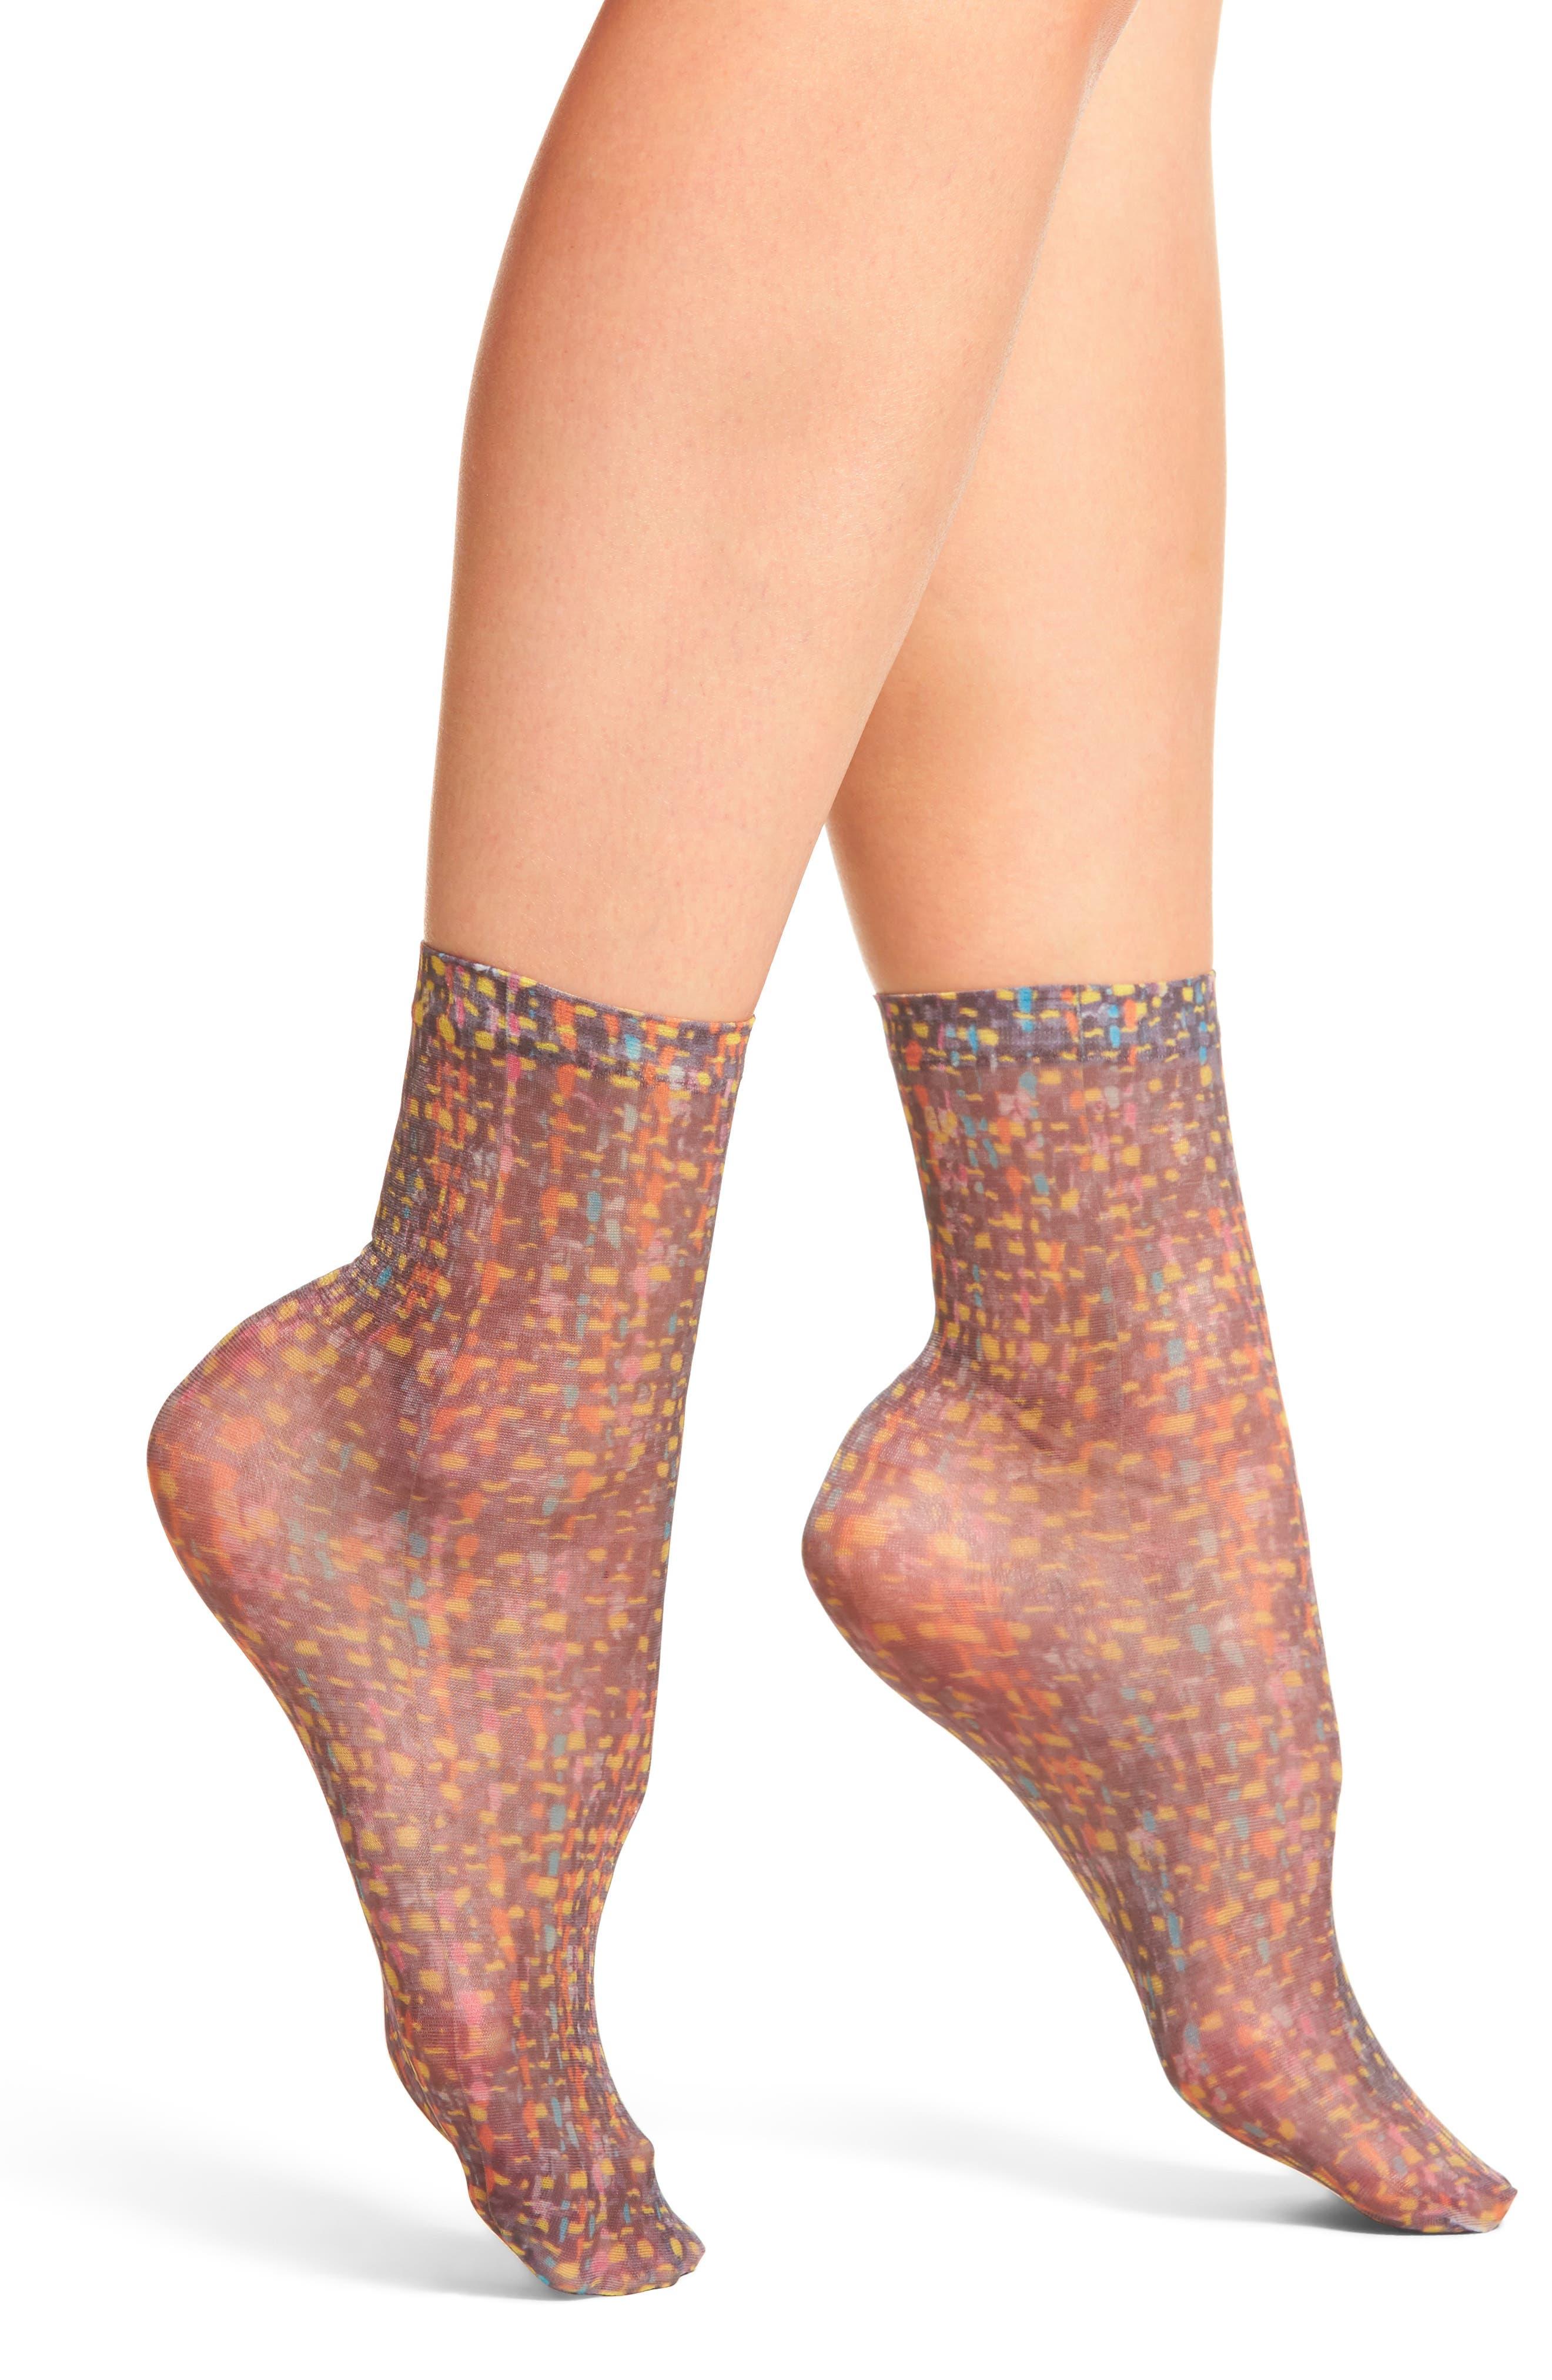 Sarah Borghi Maddy Ankle Socks